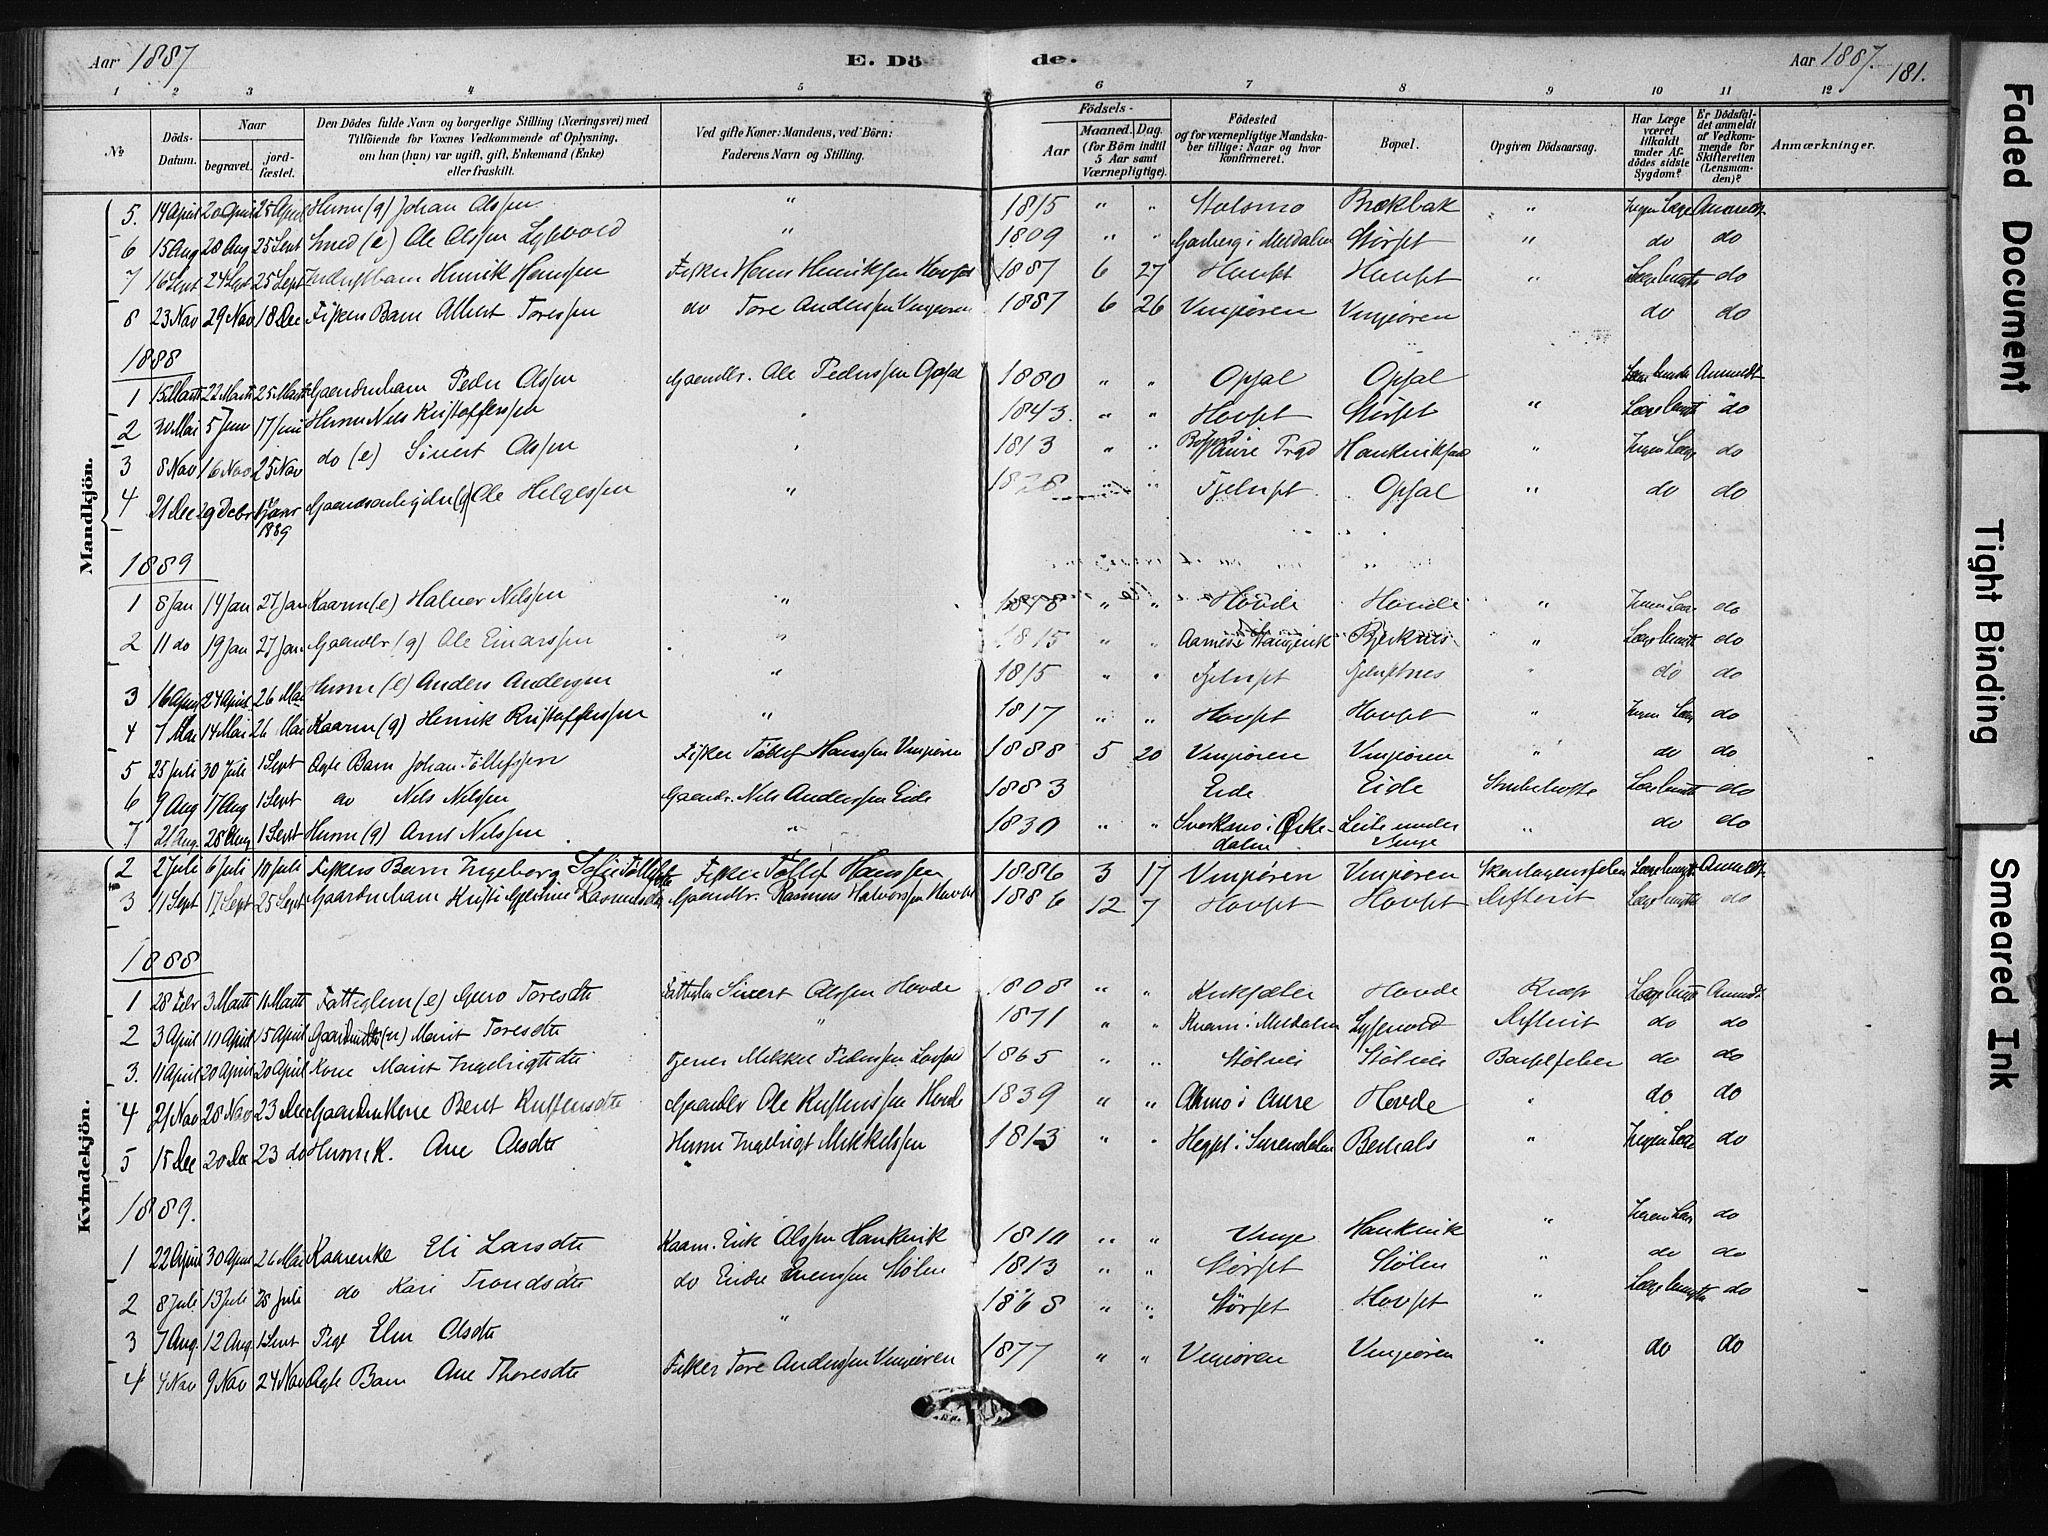 SAT, Ministerialprotokoller, klokkerbøker og fødselsregistre - Sør-Trøndelag, 631/L0512: Ministerialbok nr. 631A01, 1879-1912, s. 181